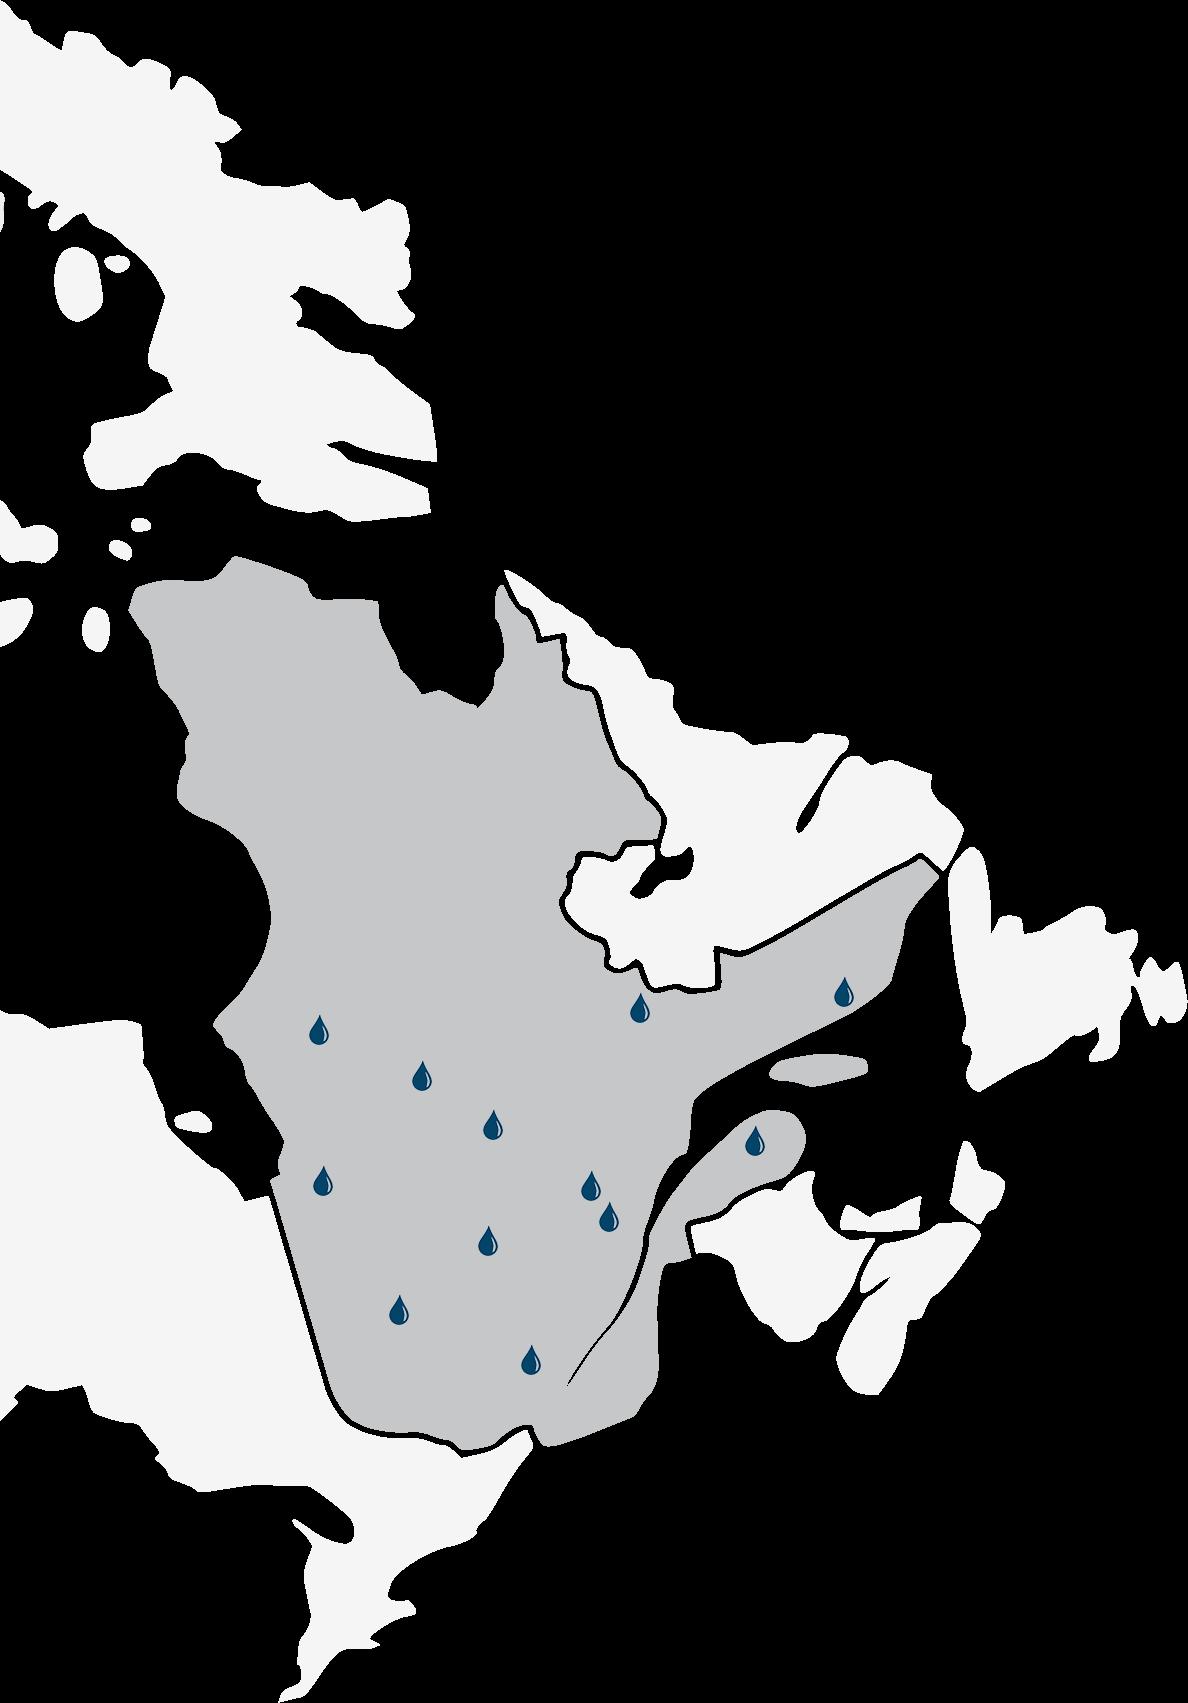 Présence de Tekno partout Québec